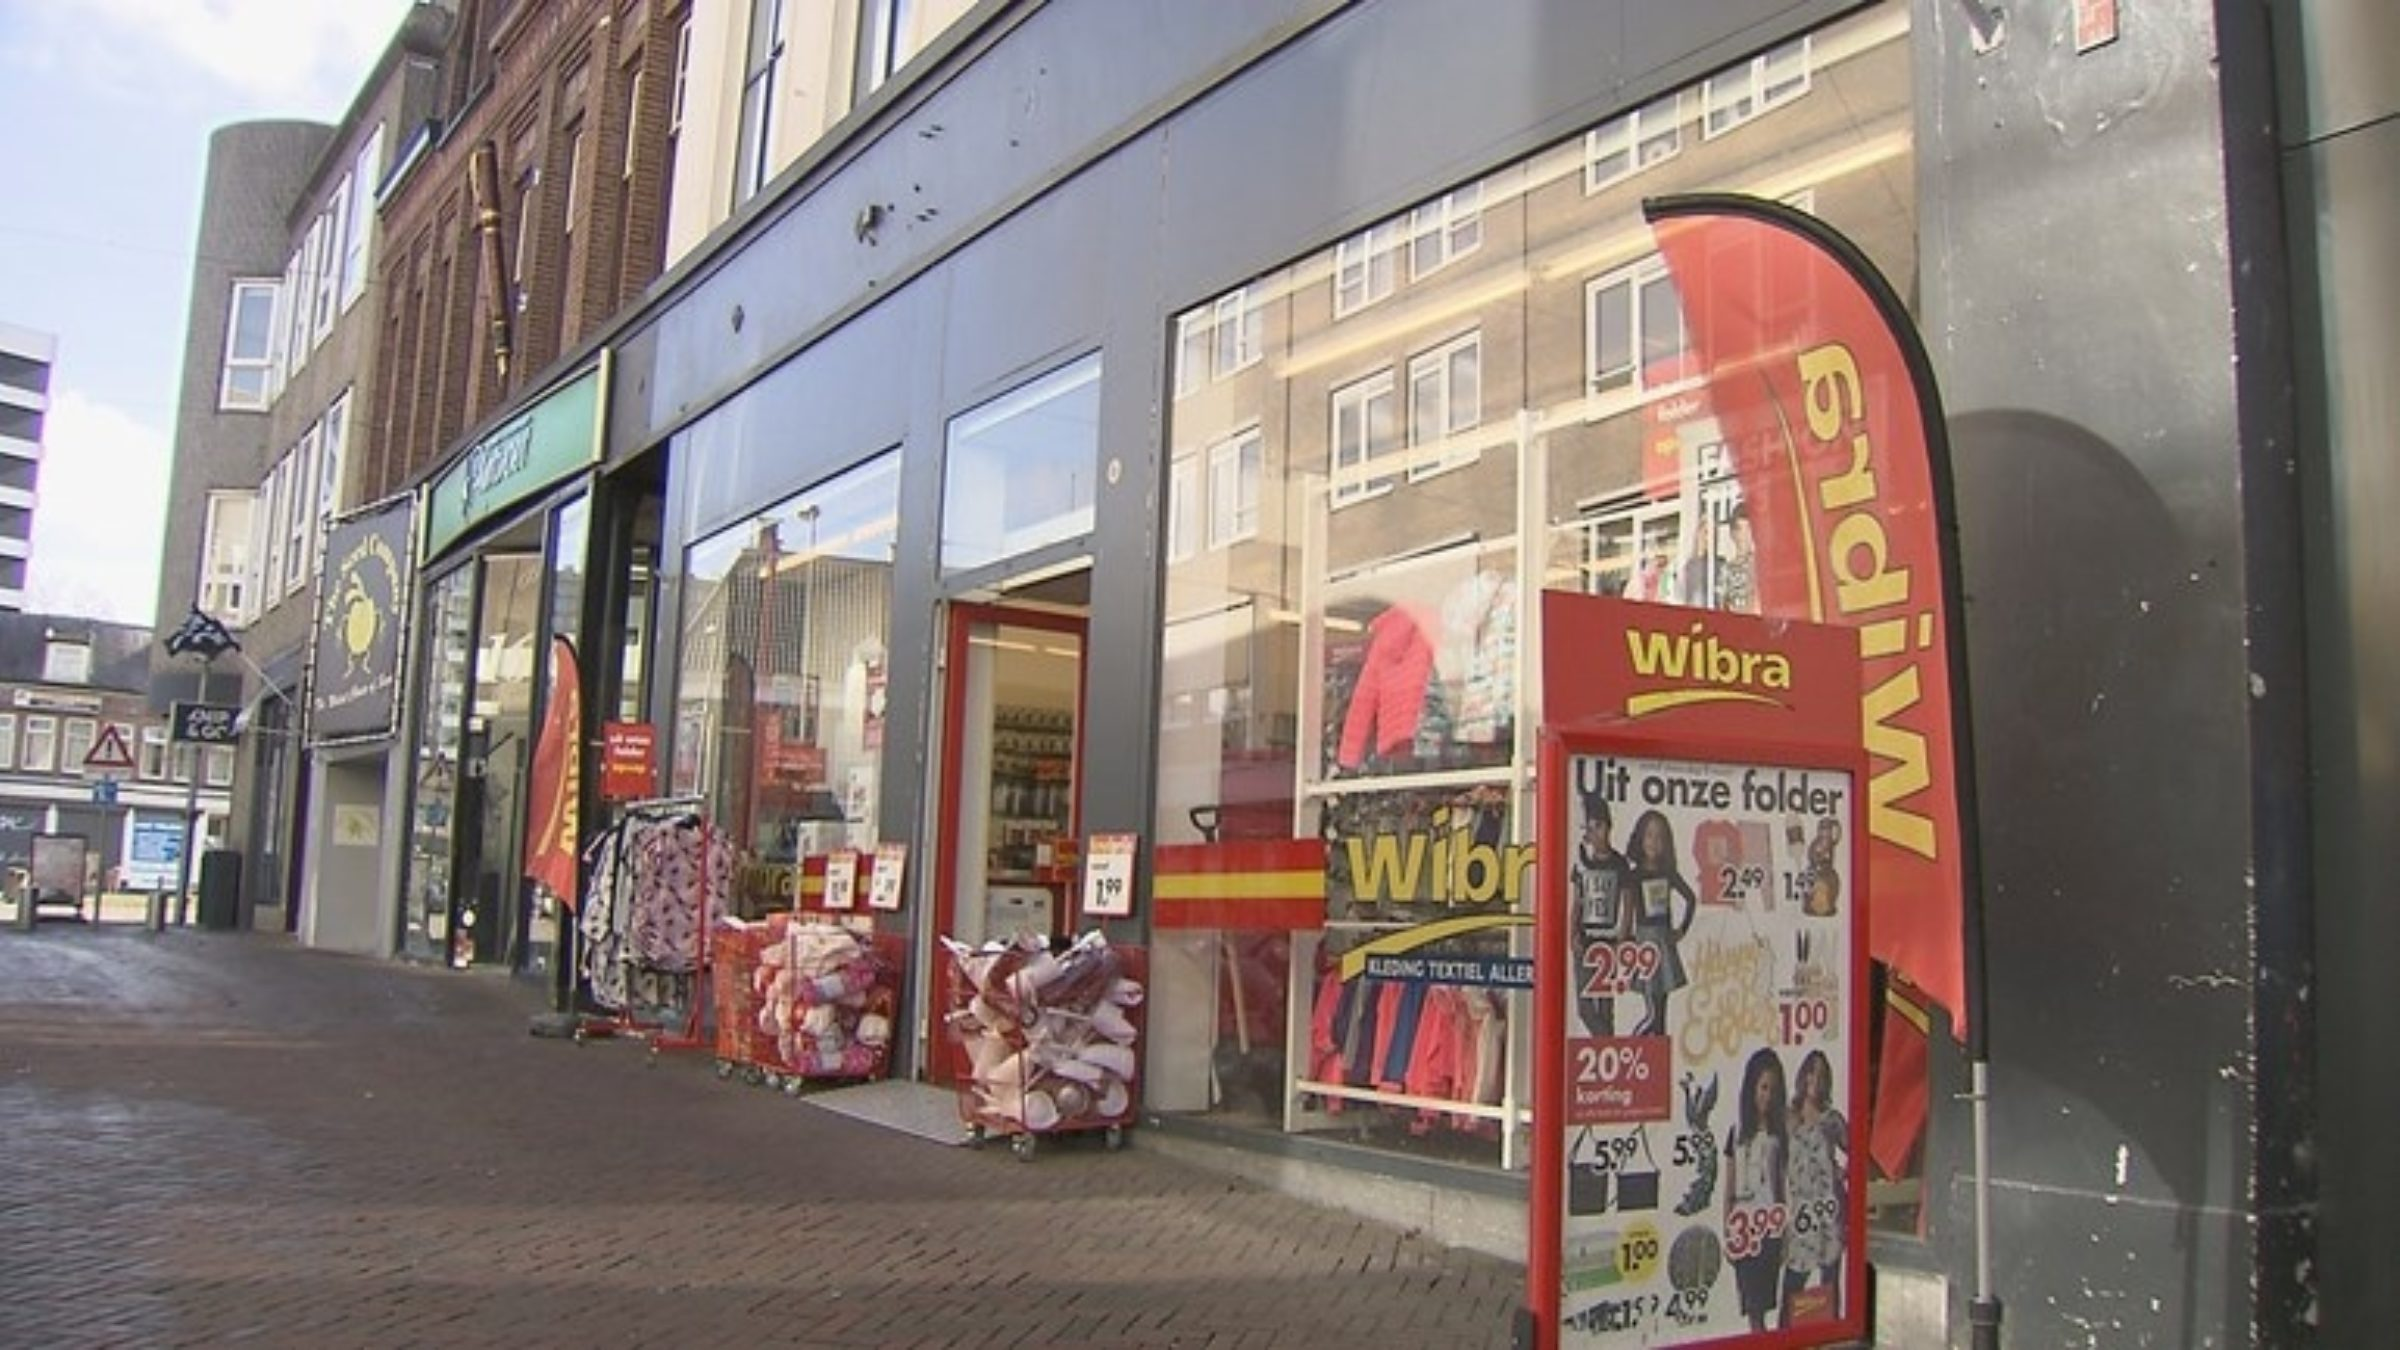 De Wibra Aan De Klomp In Enschede